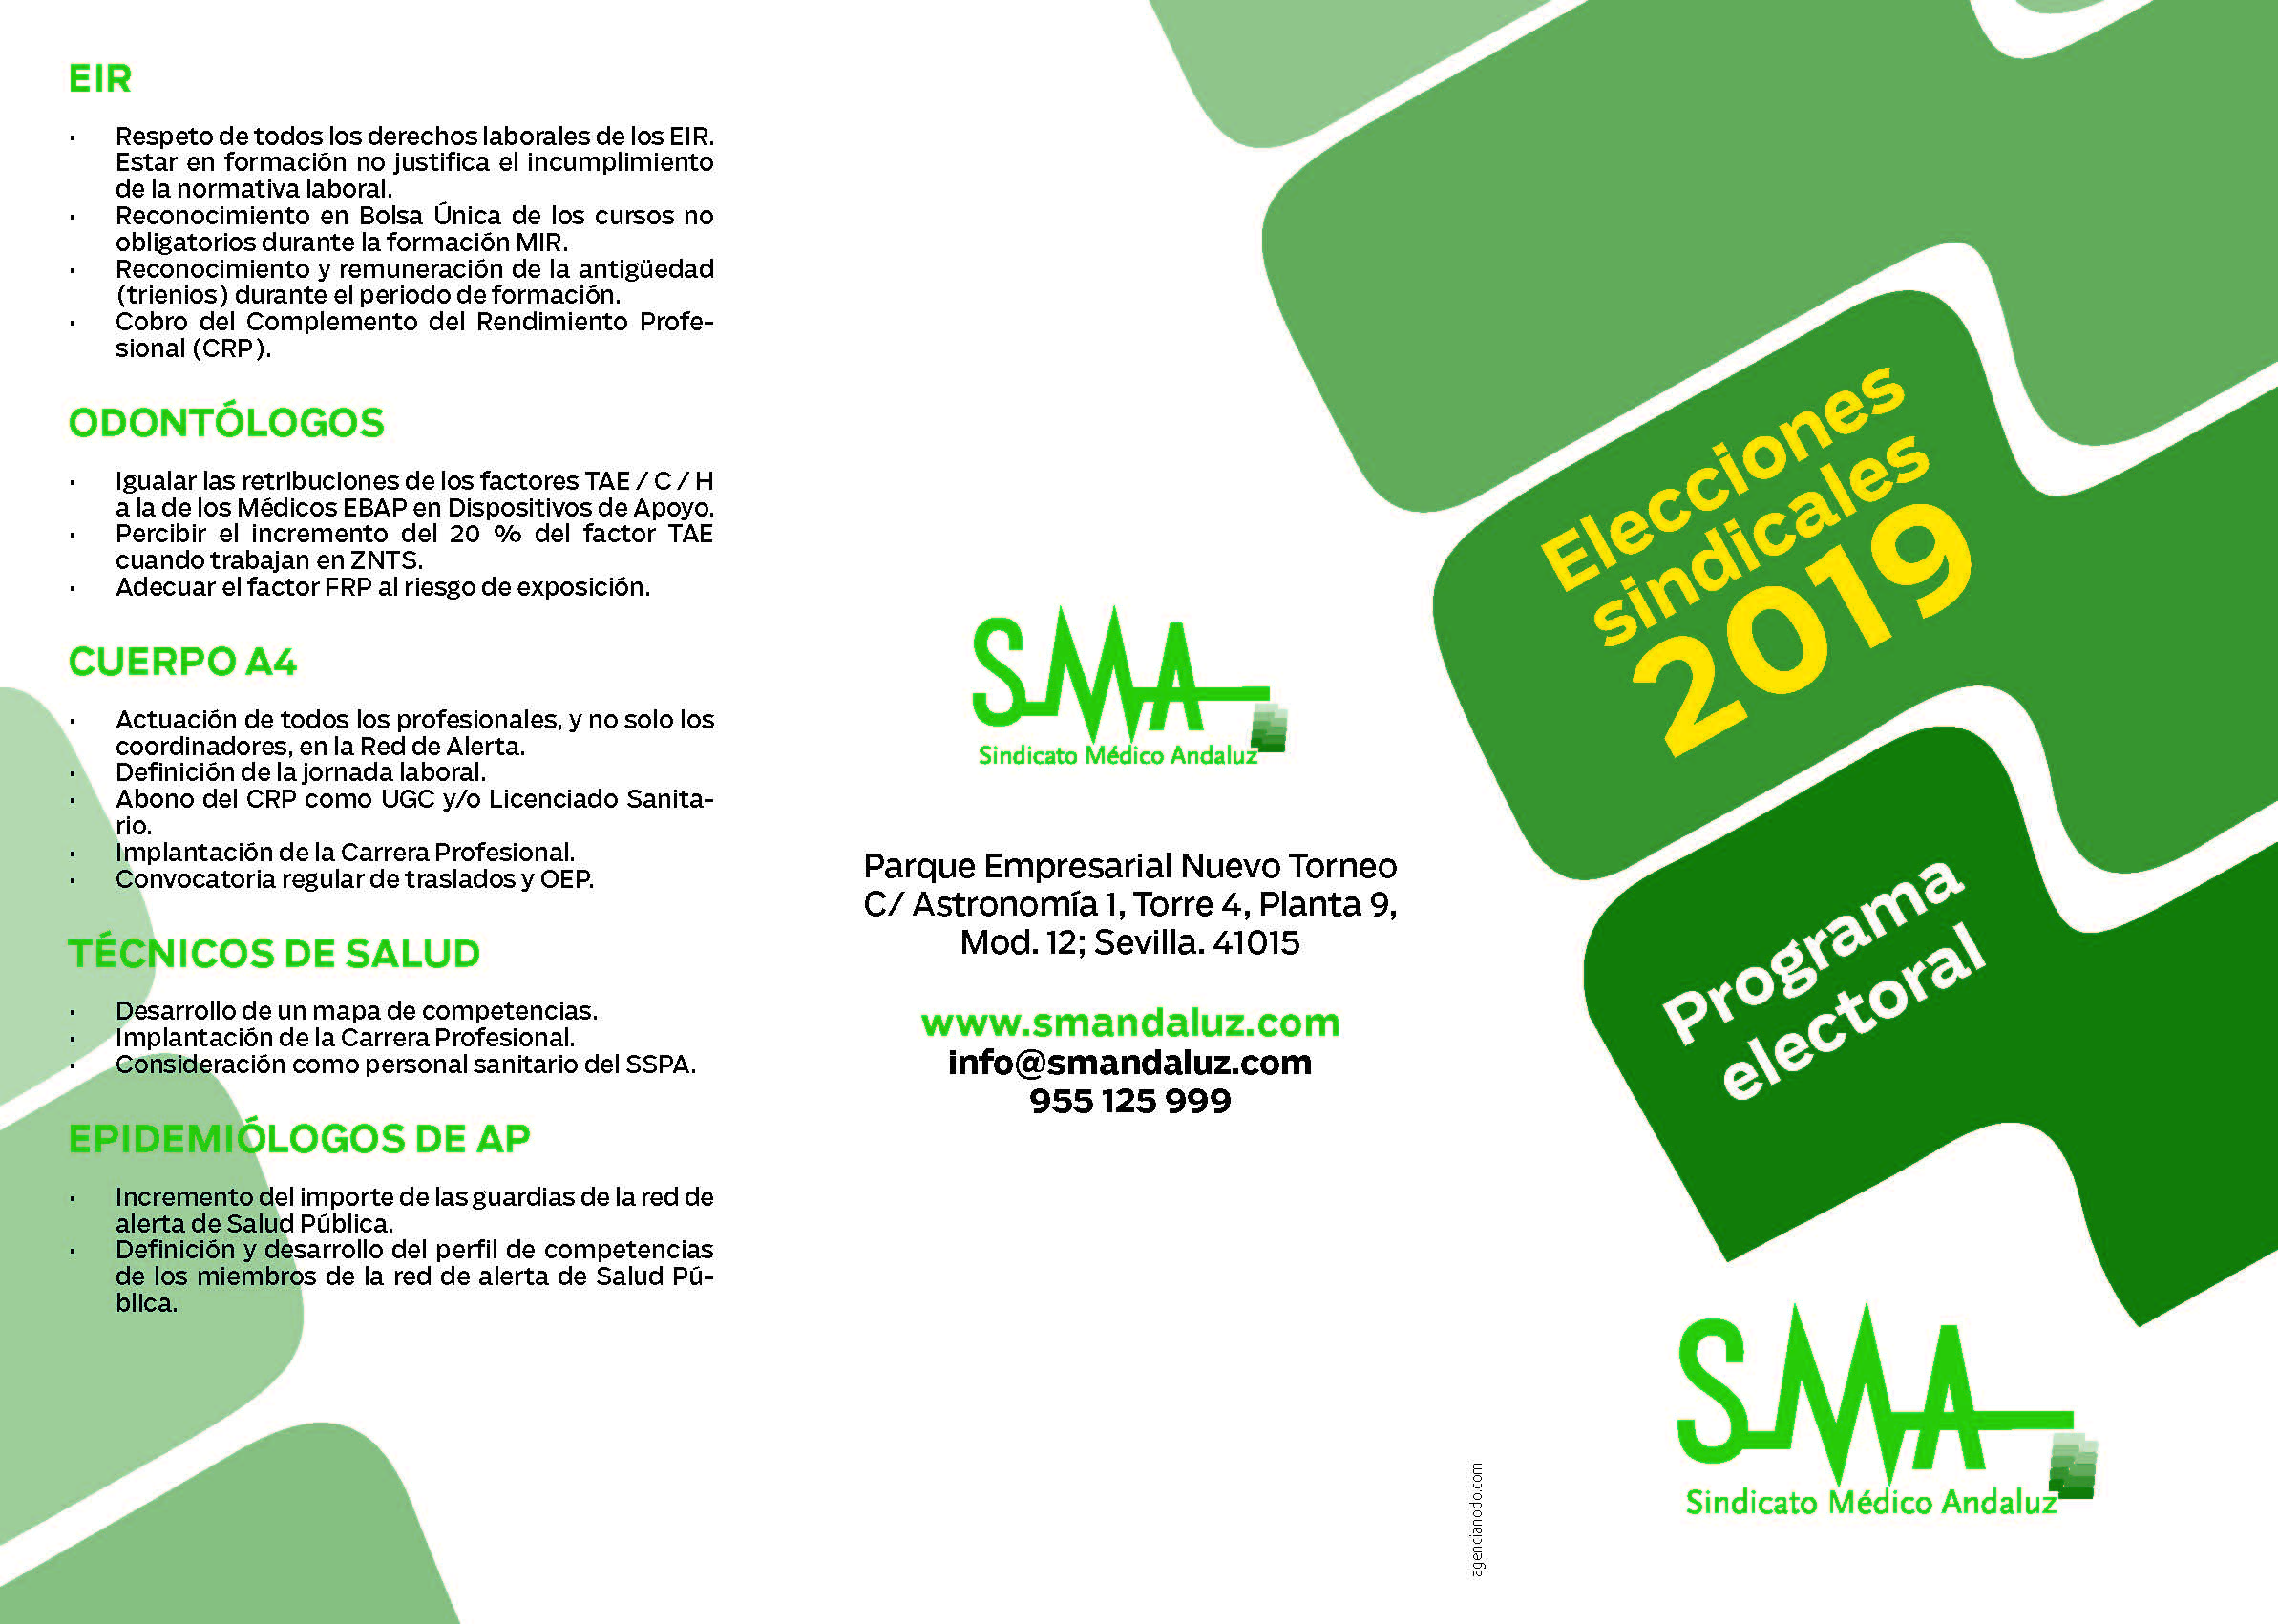 Programa electoral SMA. Elecciones sindicales SAS 2019.